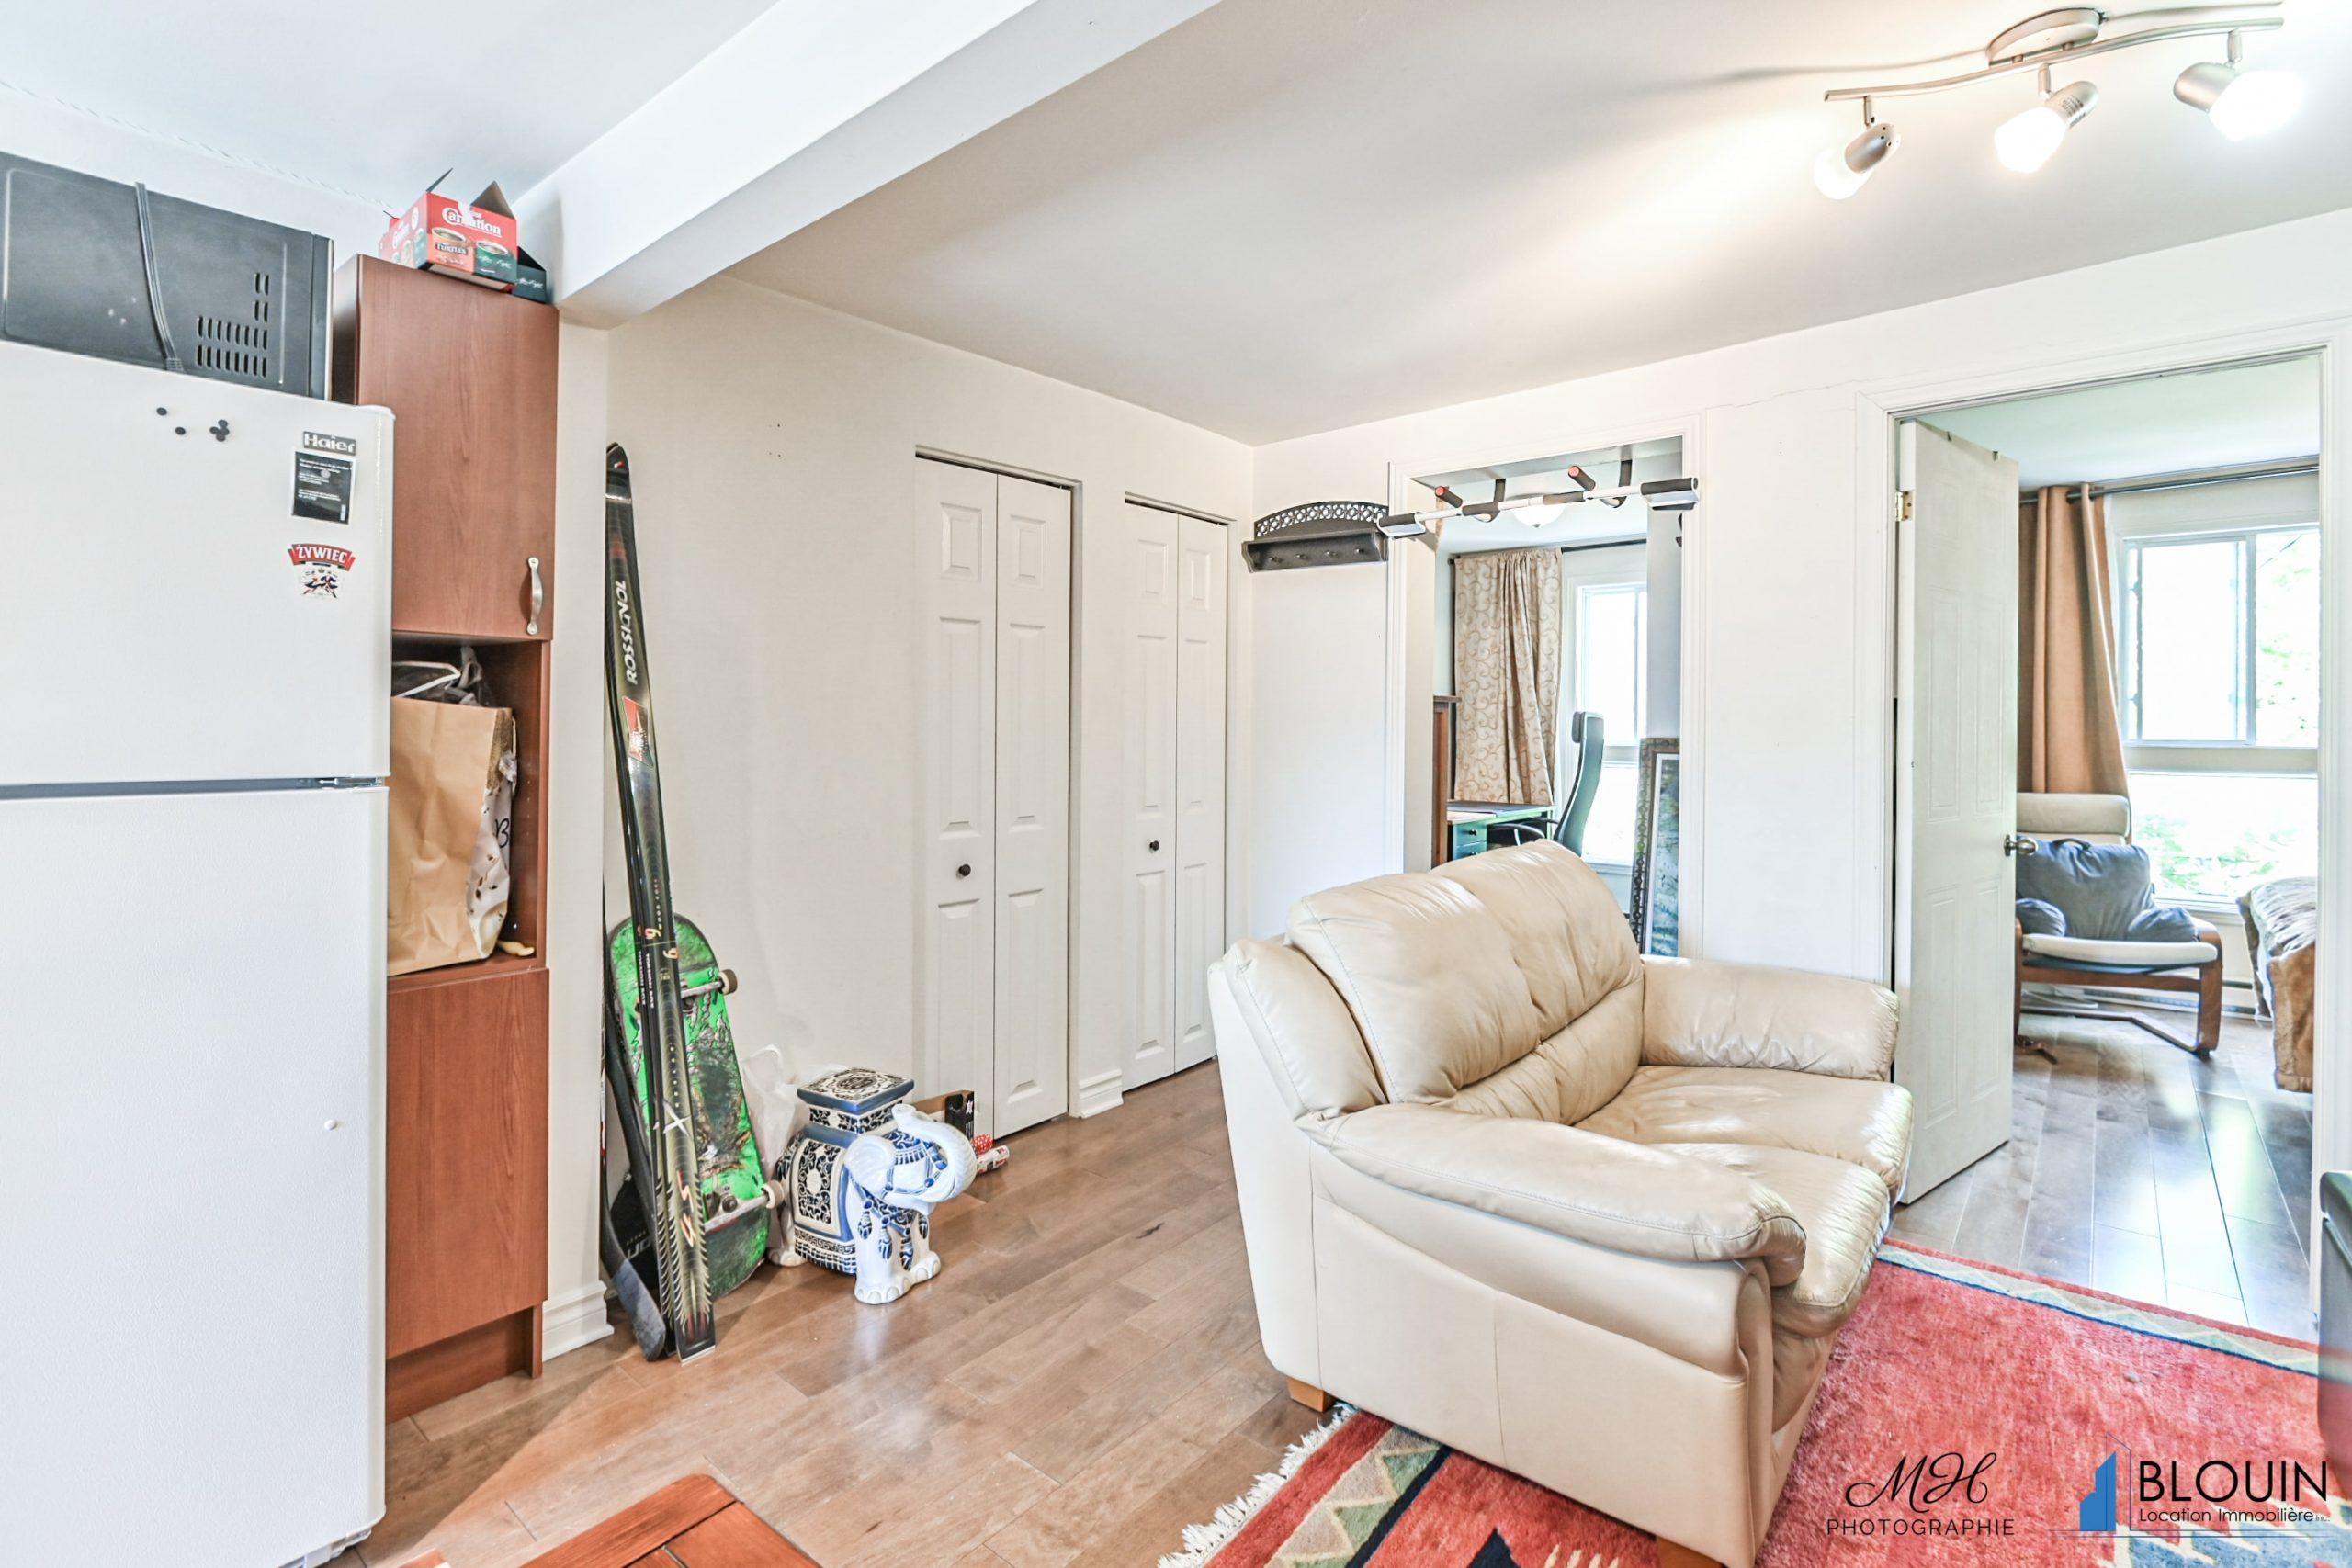 Photo 7 : 3½ + bureau, dans le sud-Ouest, Semi-meublé disponible pour Juillet